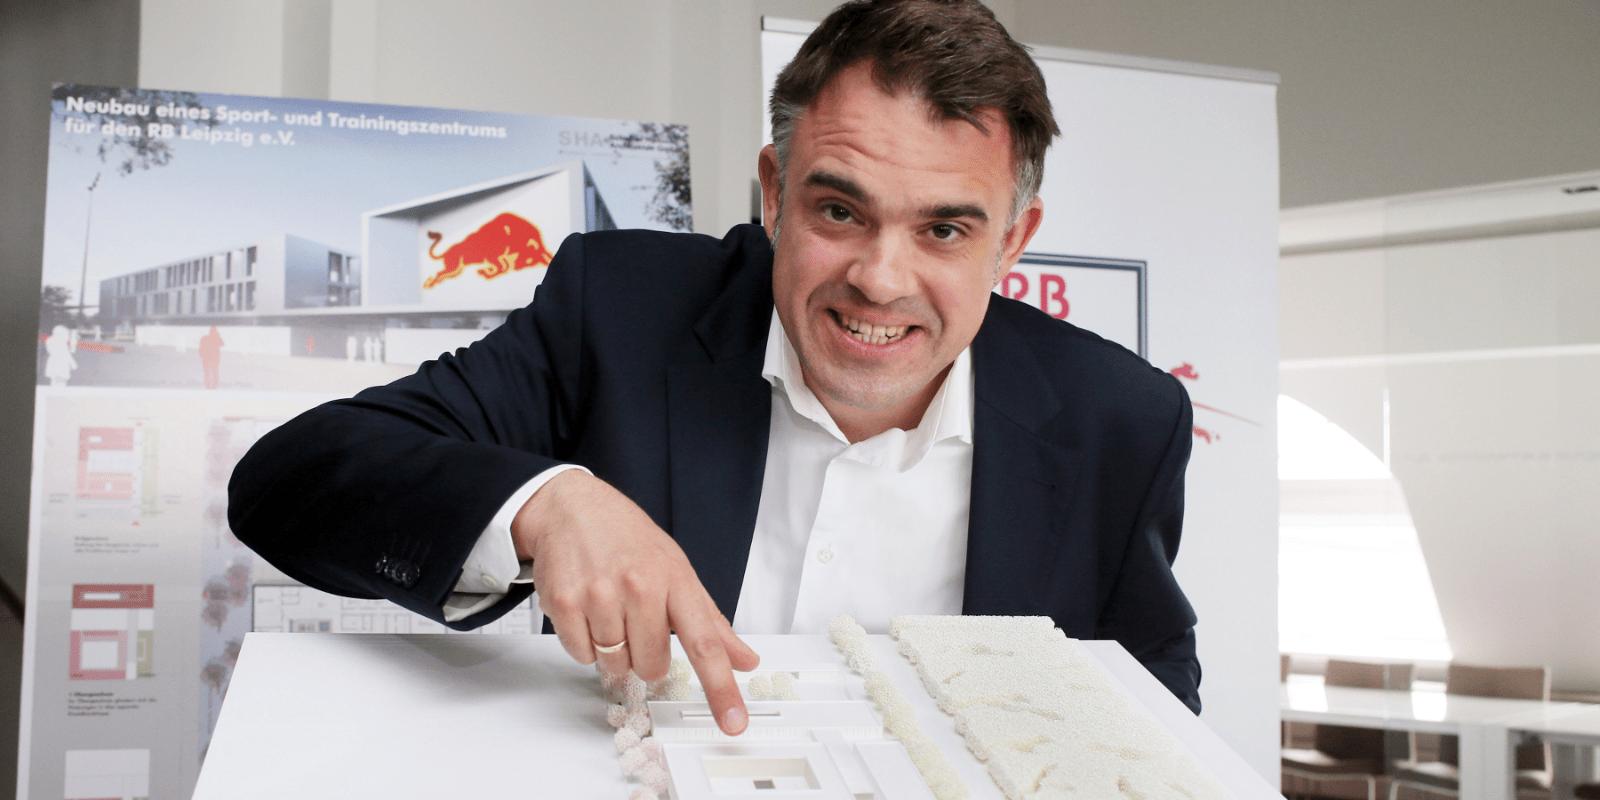 Nachwuchsleistungszentrum von RB Leipzig erhält maximale Auszeichnung!